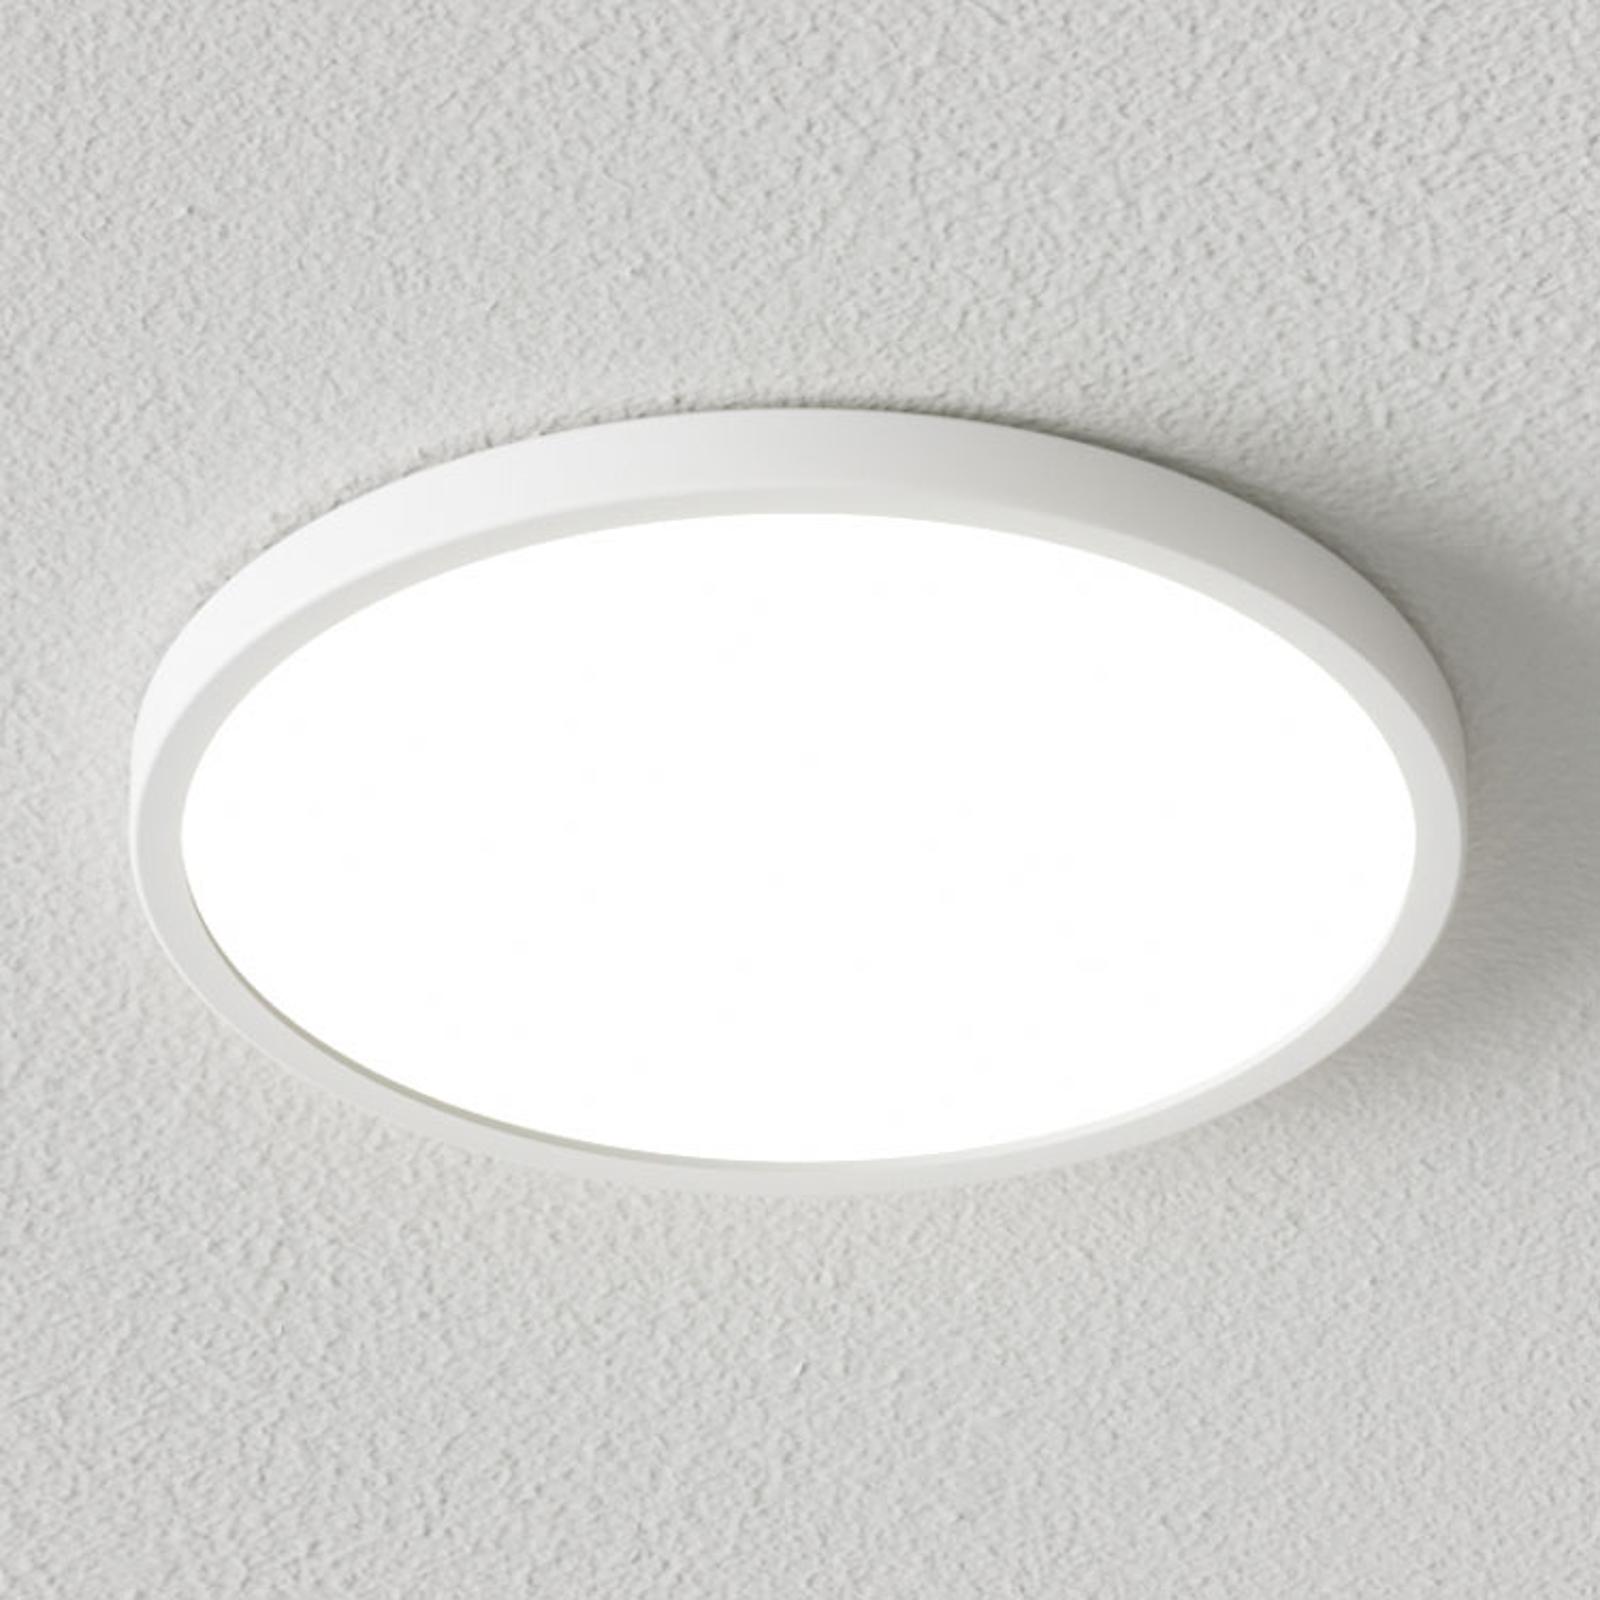 Ściemniana lampa sufitowa LED Solvie, biała